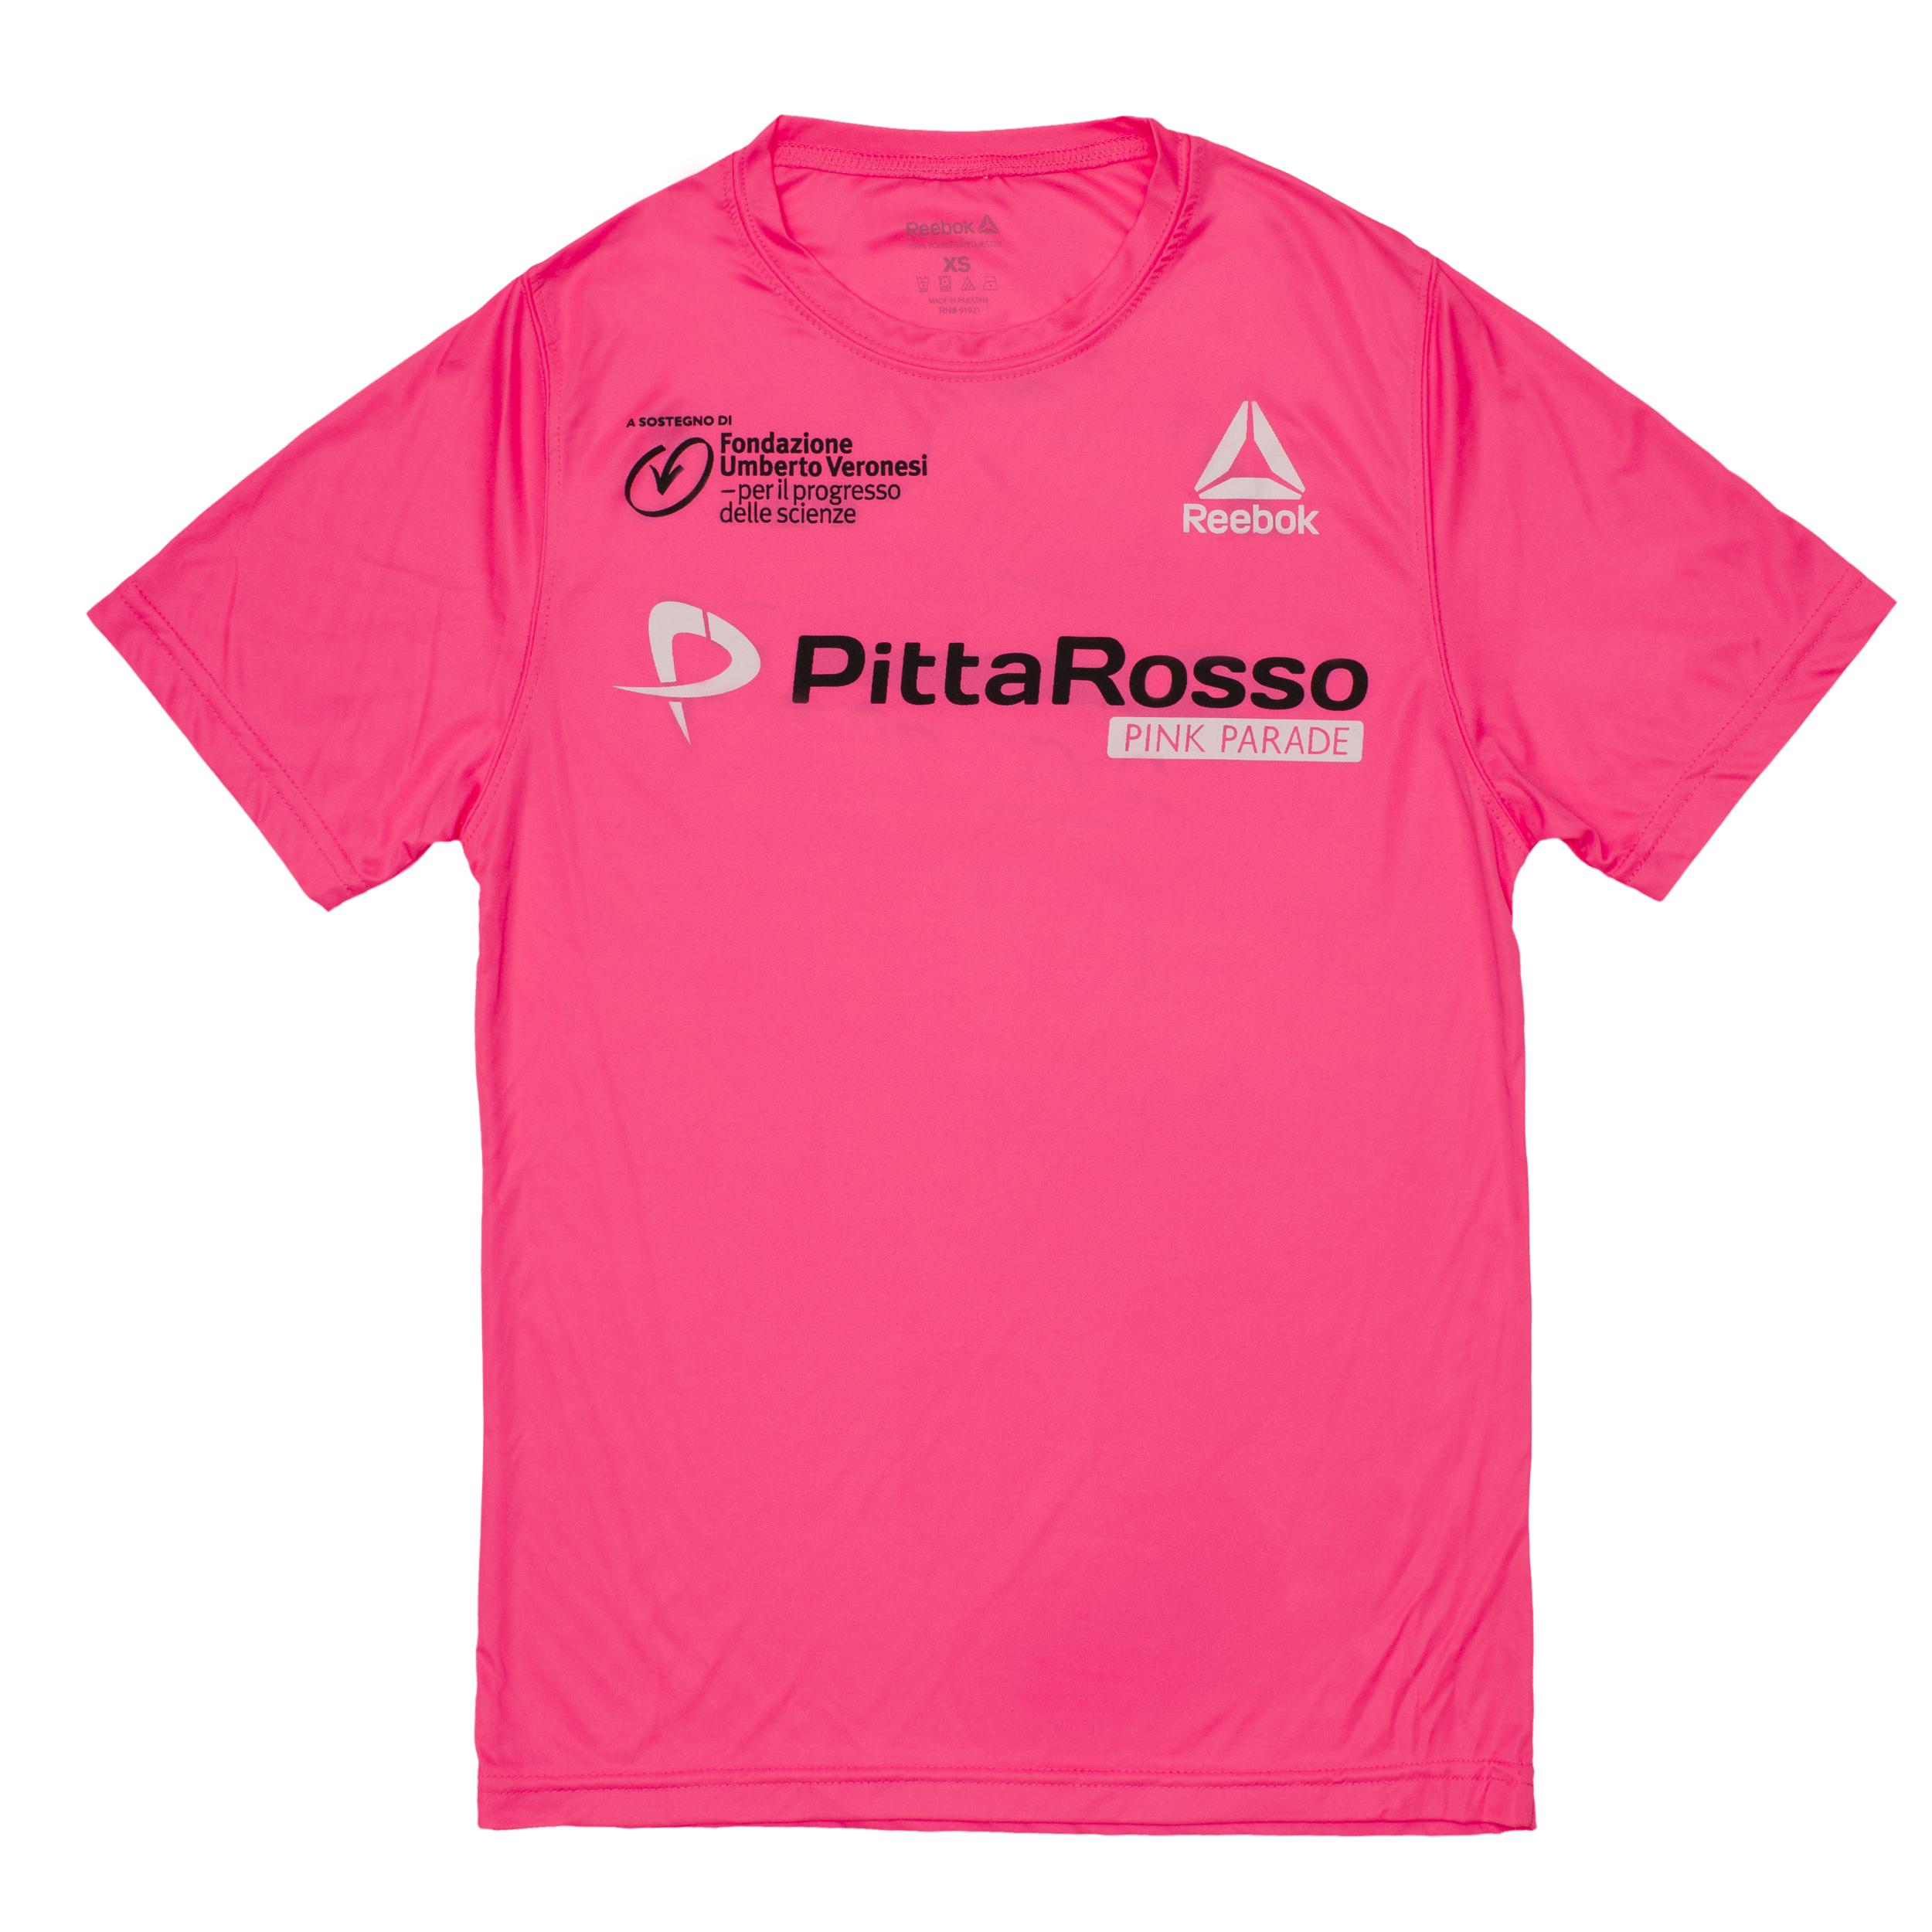 pittarosso pink parade 2019